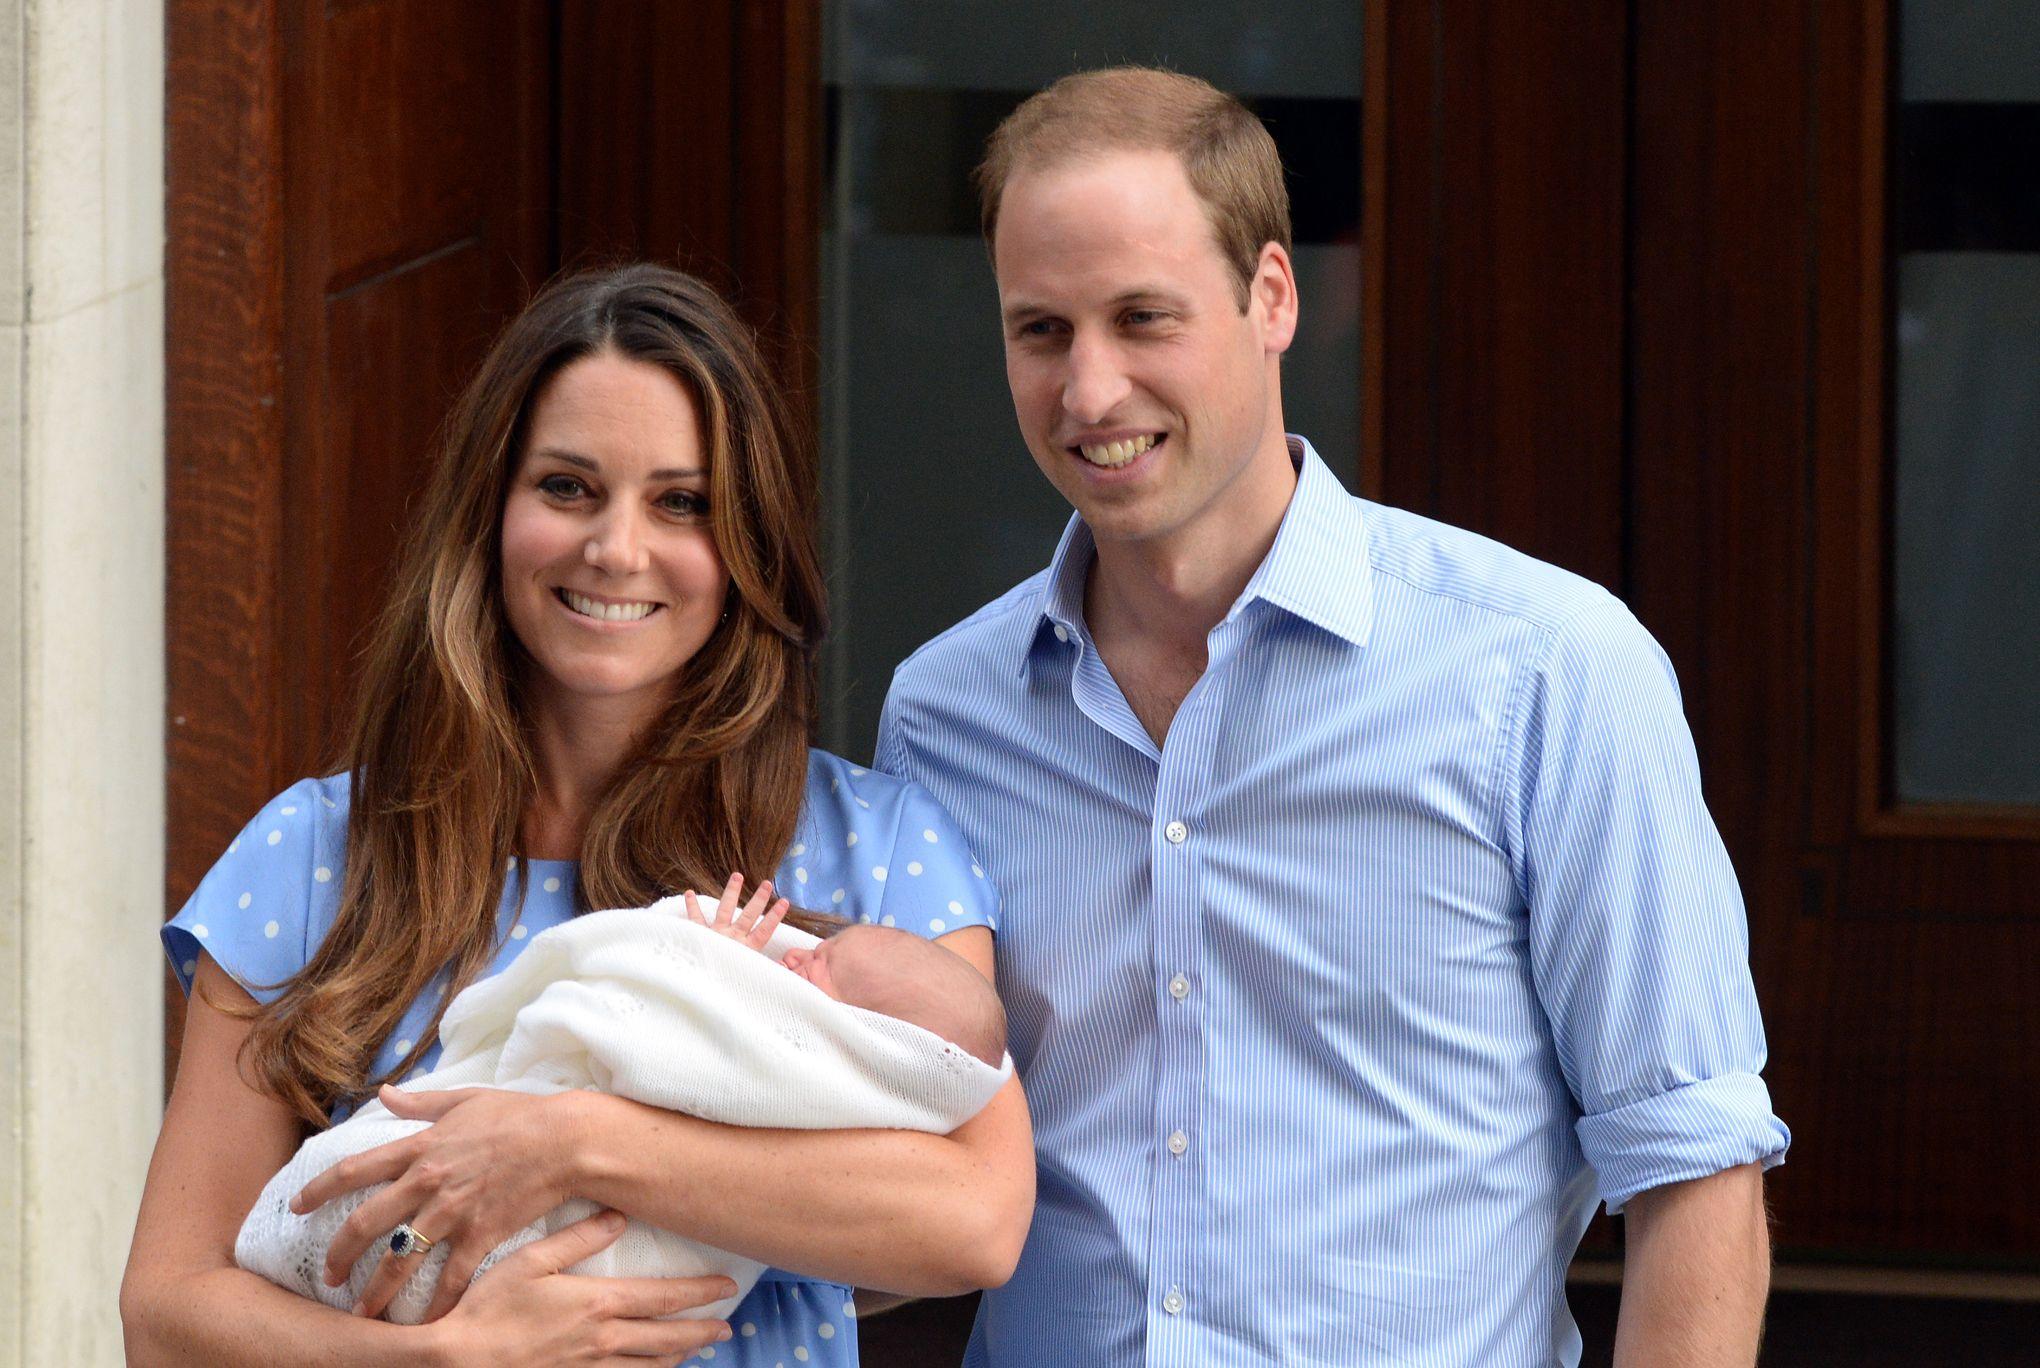 Kate Middleton ha i super poteri, con l'arrivo del terzo Royal Baby e il confronto dei tre look post parto indossati per la nascita di George e Charlotte abbiamo avuto la prova definitiva che sia una vera Wonder Woman.